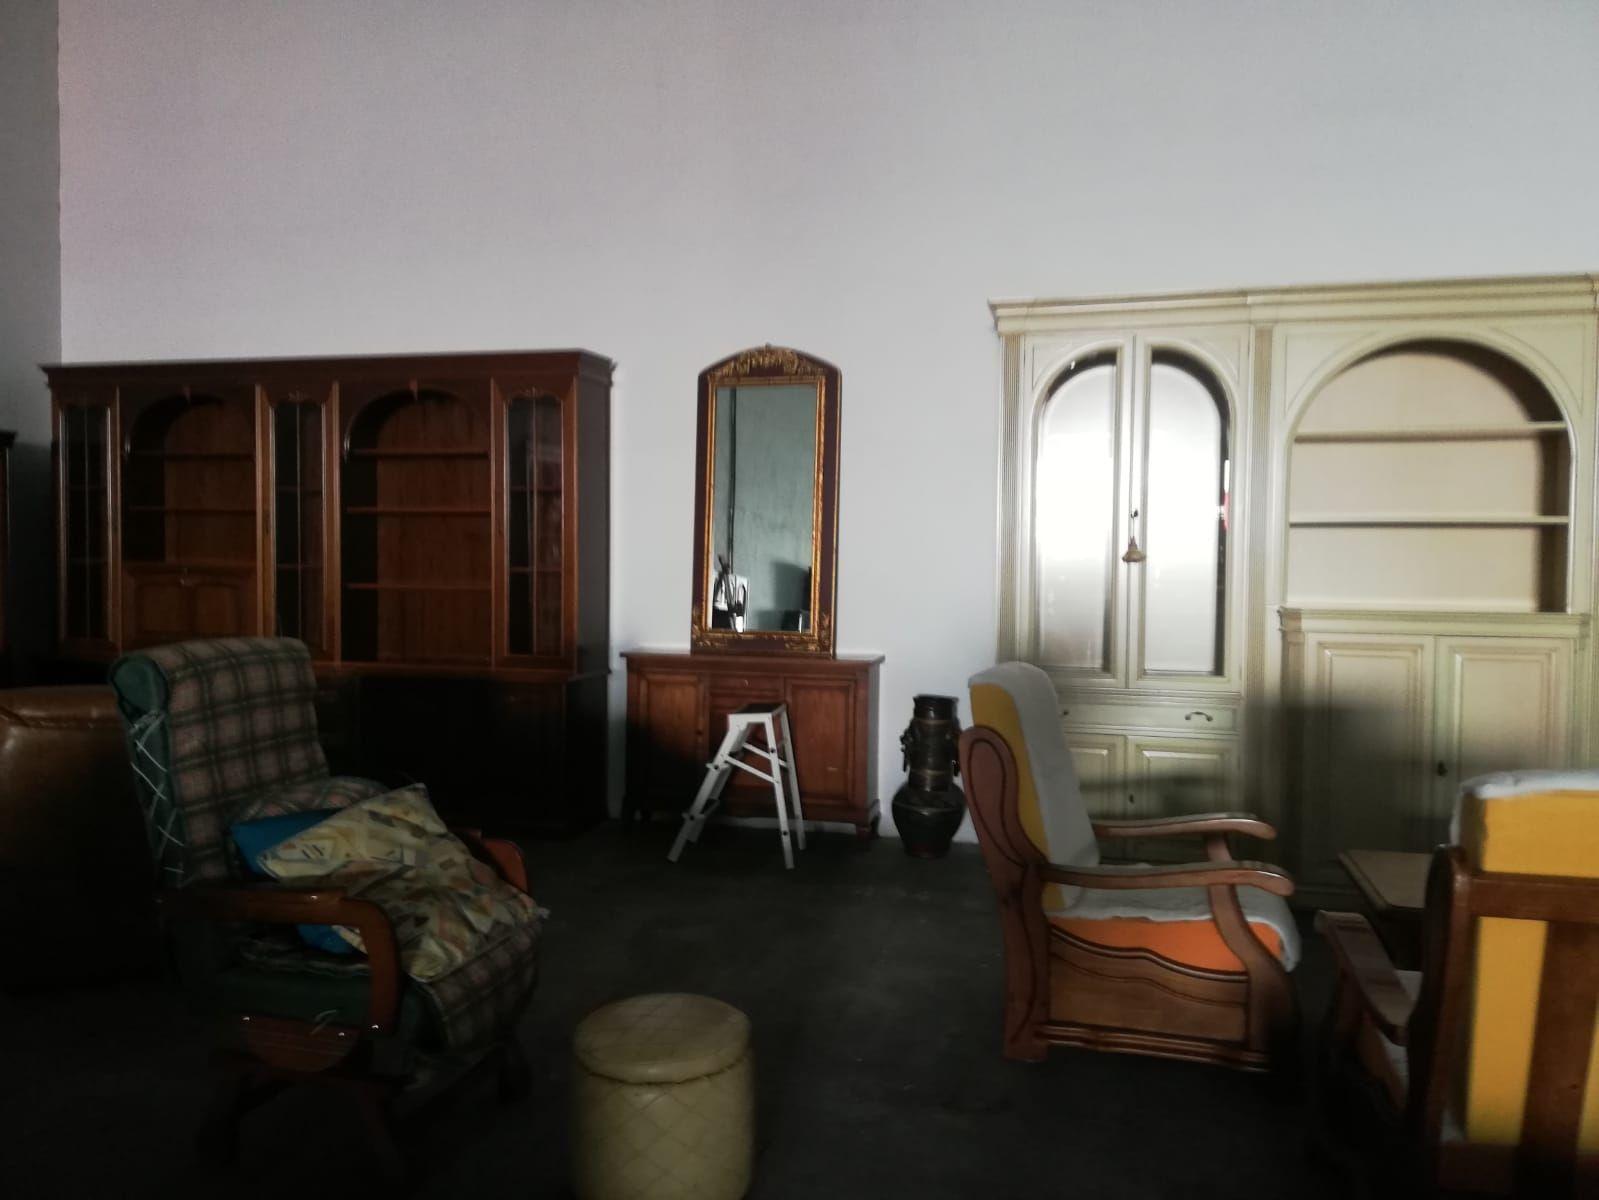 Foto 27 de Tiendas de segunda mano en Bilbo | Oportunidades El Porvenir